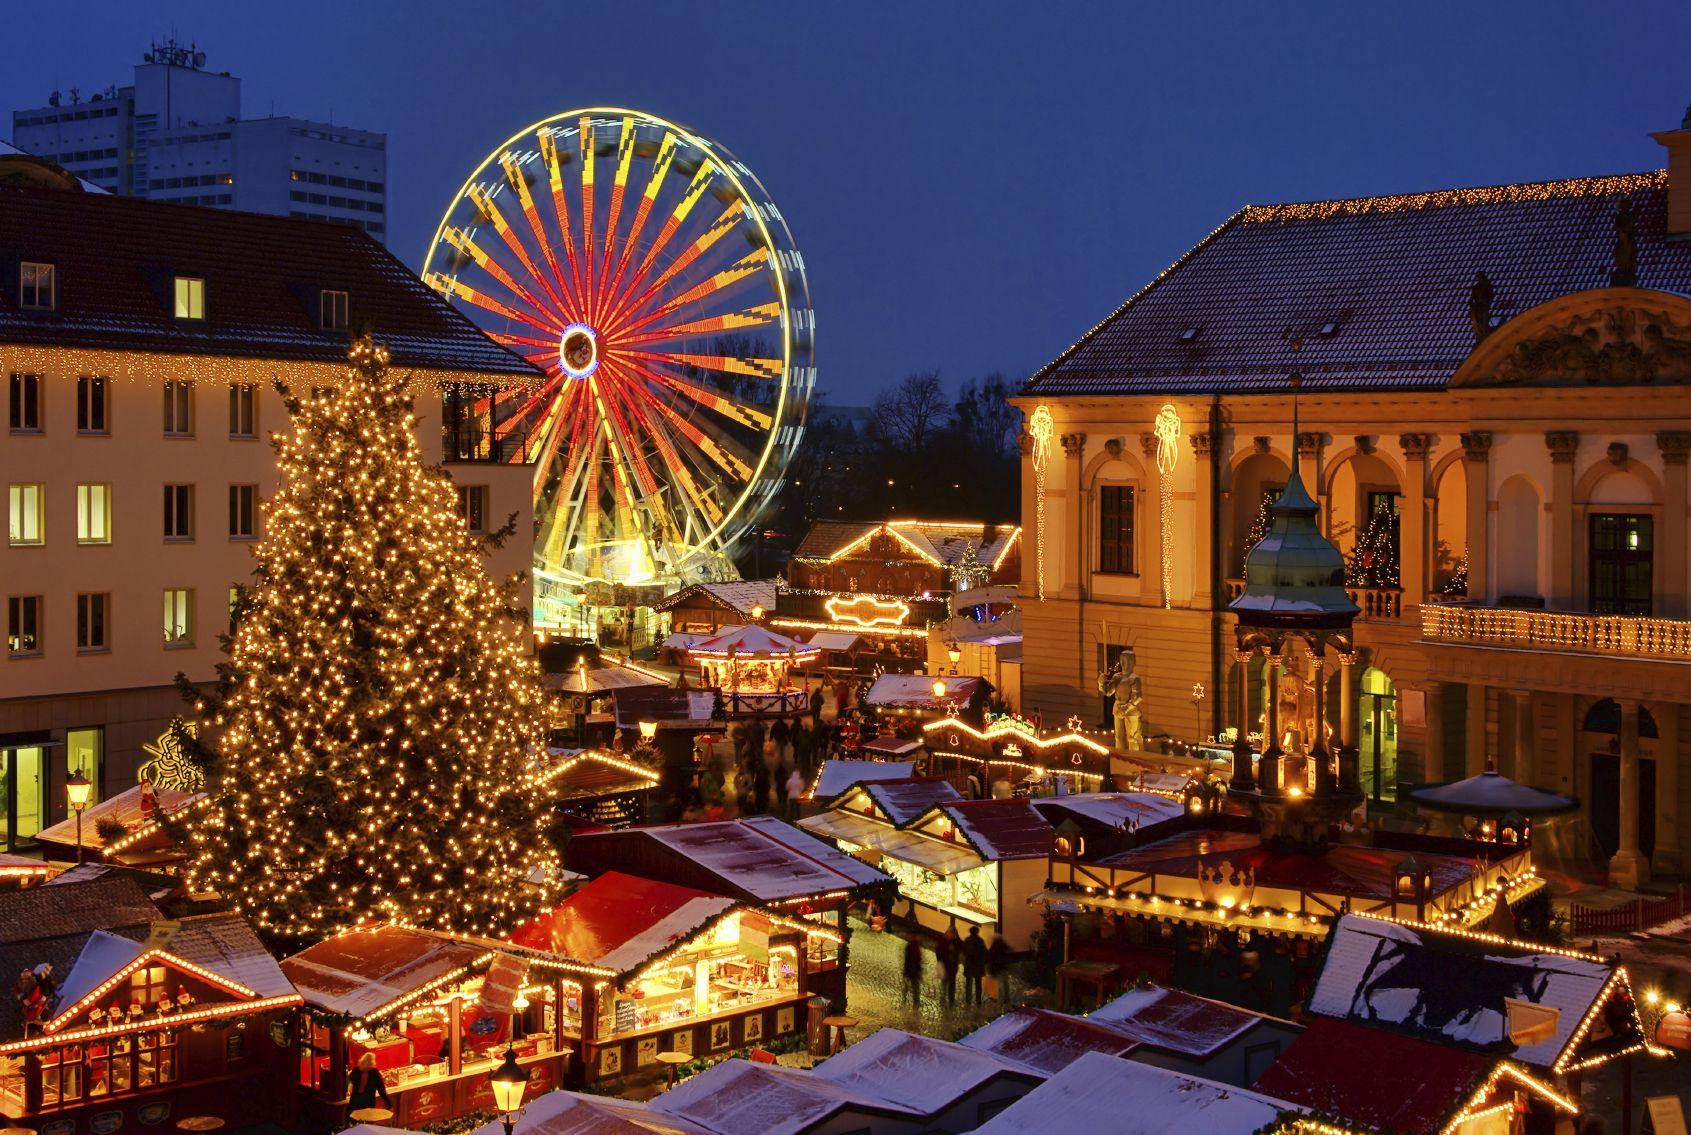 Berlin Christmas markets - WeihnachtsZauber Gendarmenmarkt ...